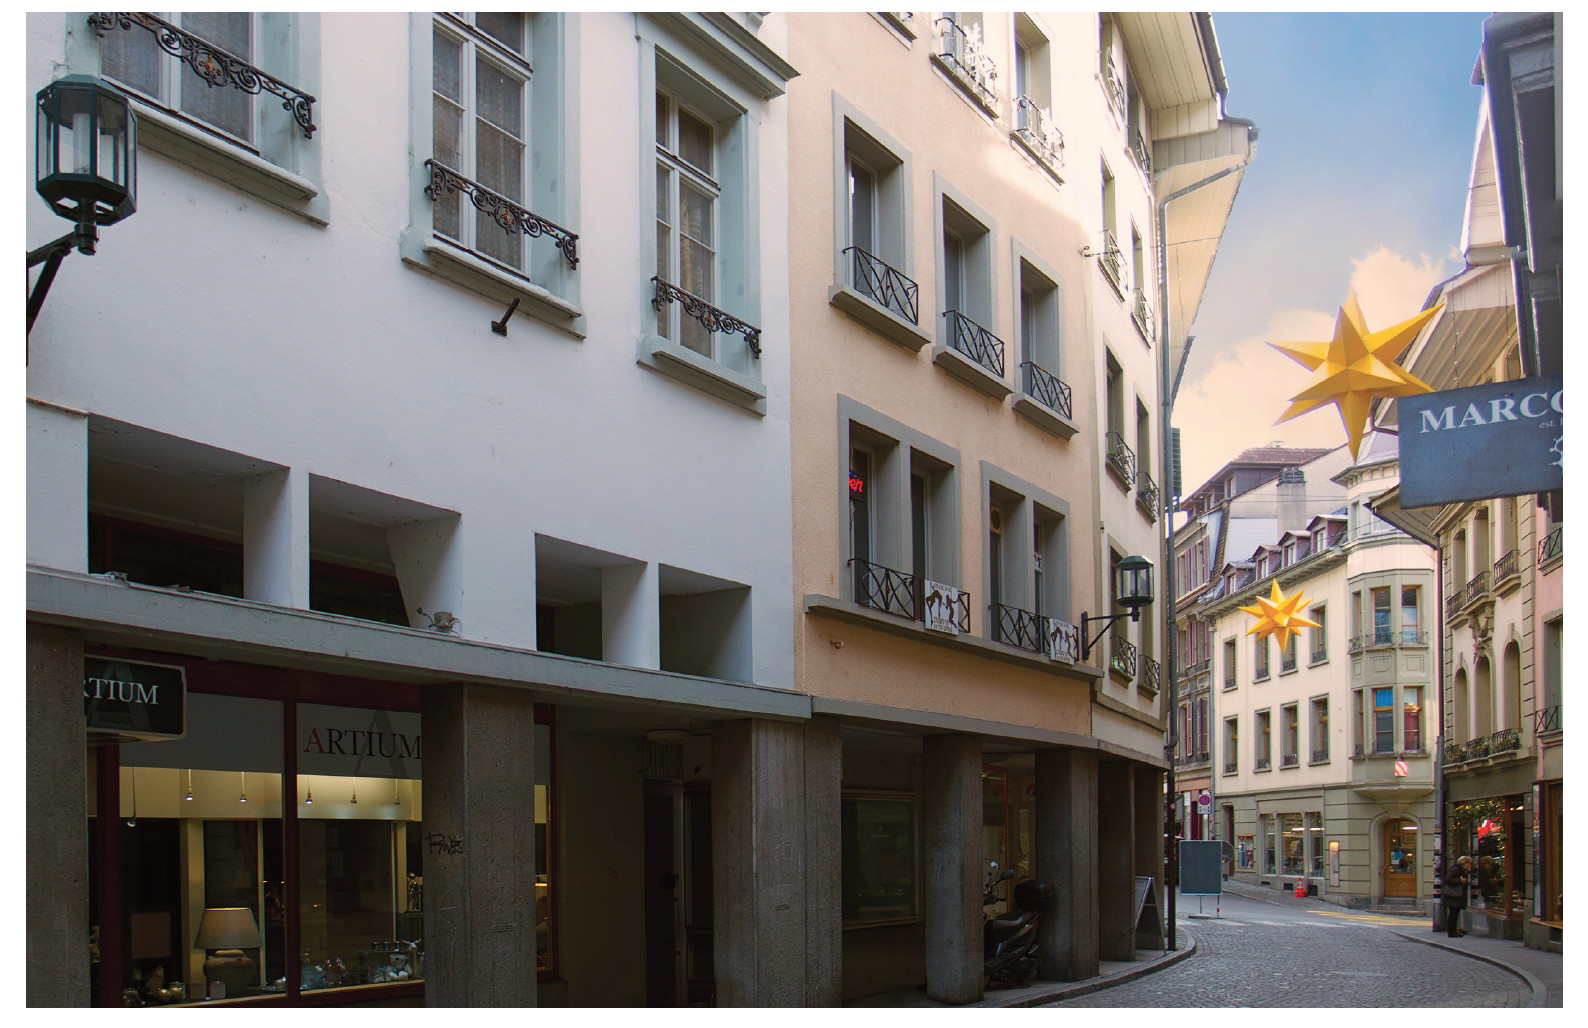 Wohnen und Arbeiten in Arlesheim, Beispiel Bauprojekt von Daniel Bächtold (Quelle: zur Verfügung gestellt)v